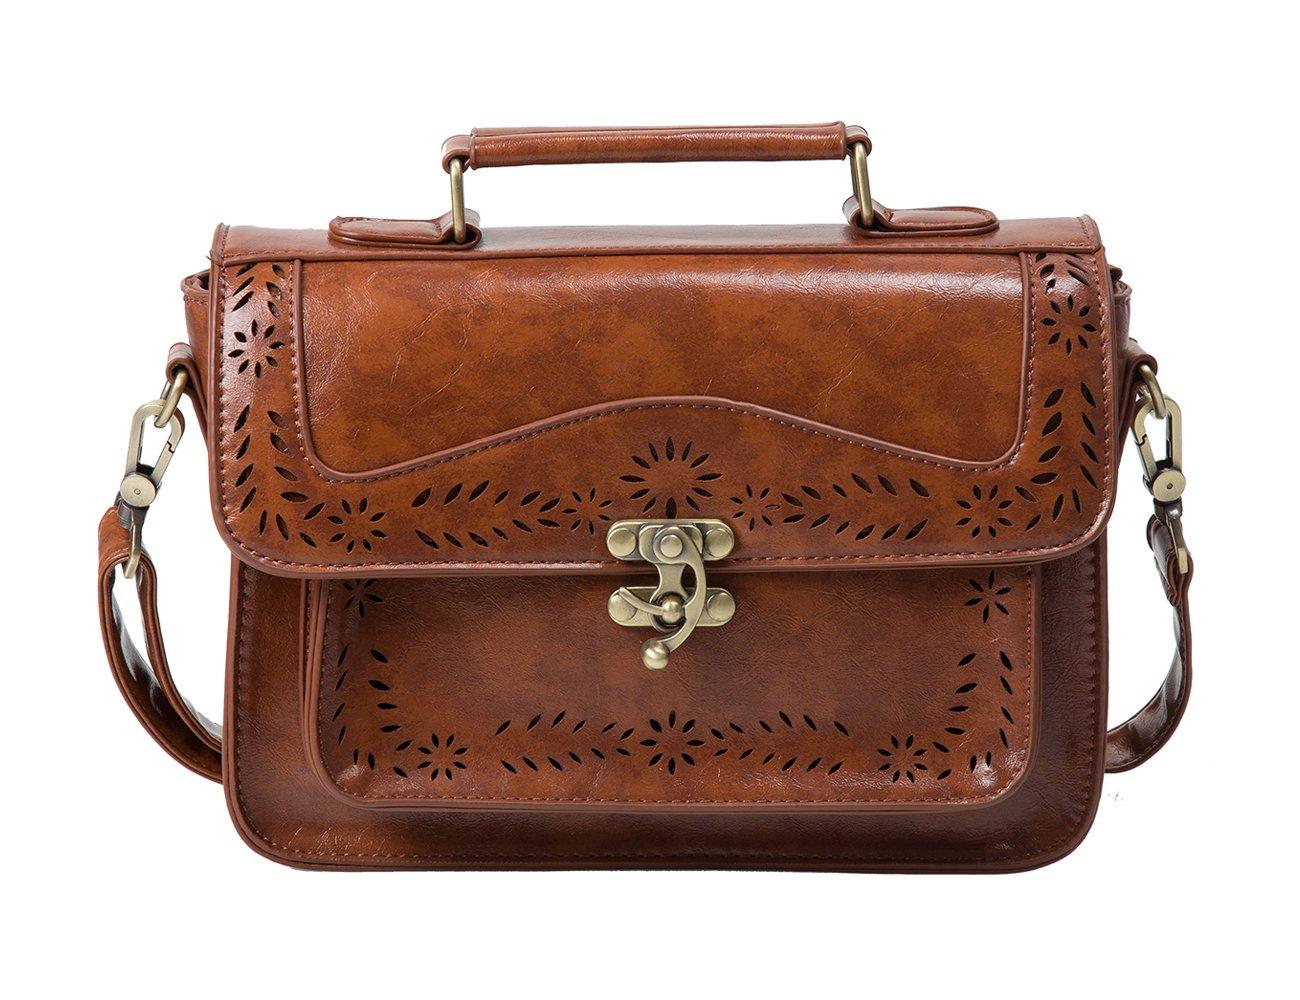 ECOSUSI Sac Porté épaule Sac Bandoulière pour Femme Sac à Main Femme Vintage Sac Messenger Marron Eco012824057-FFR